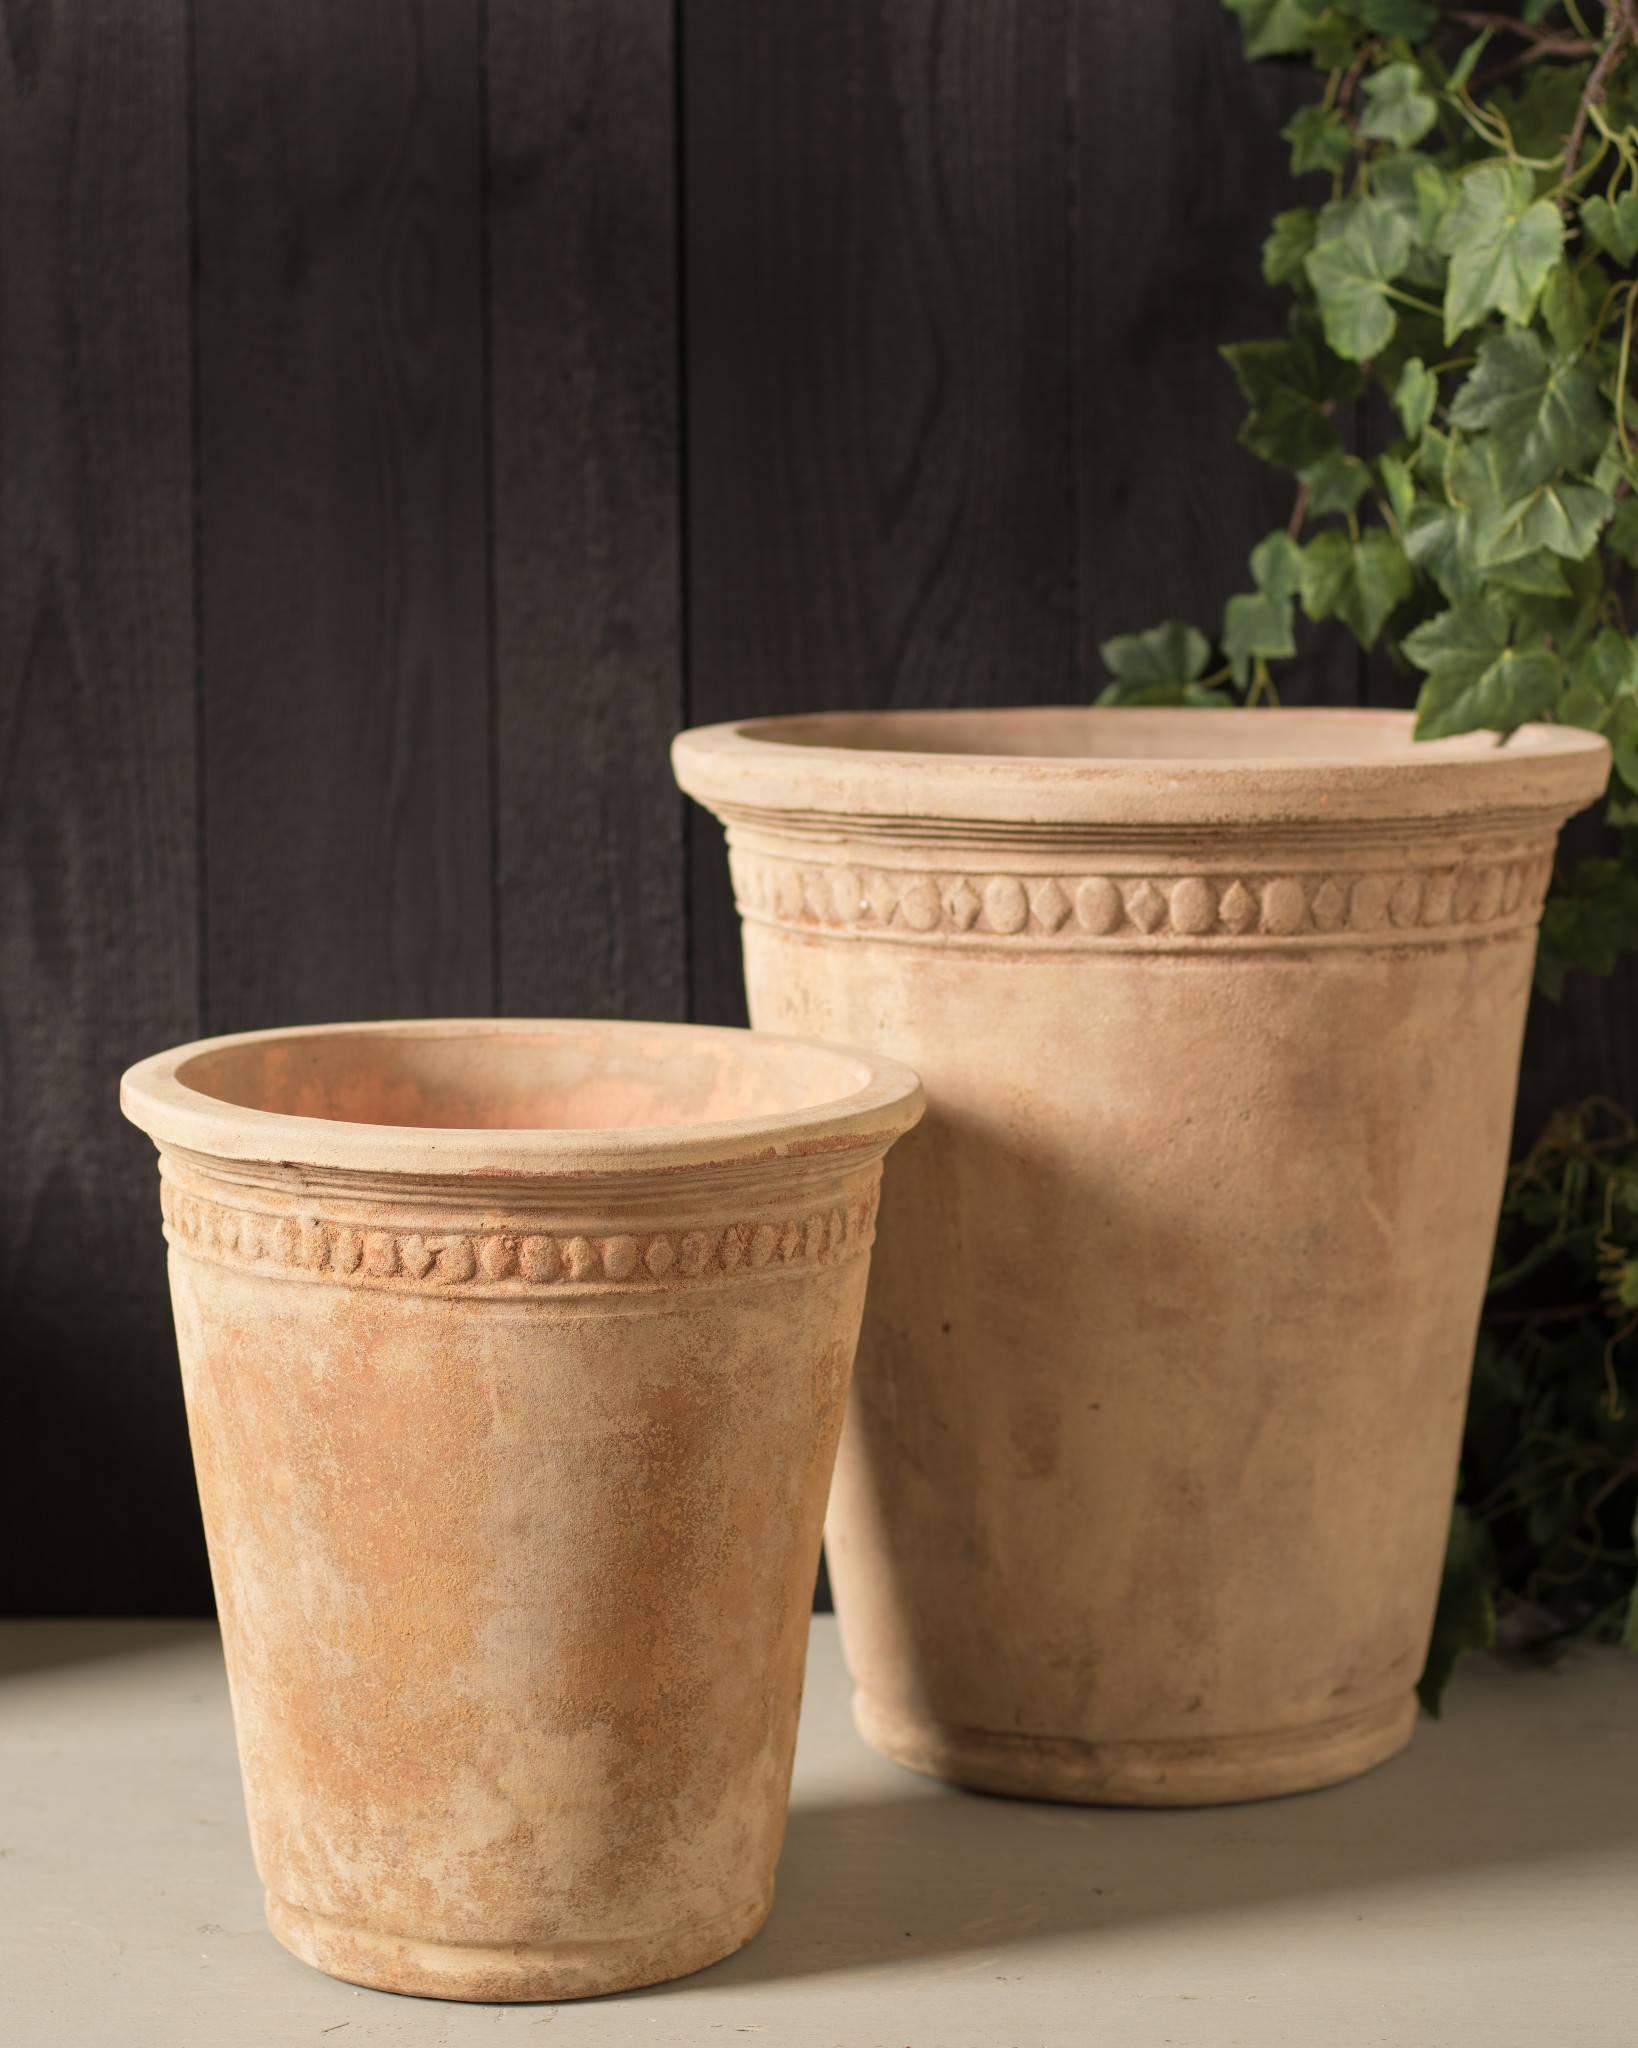 Banbury Clay Pot | Balsam Hill